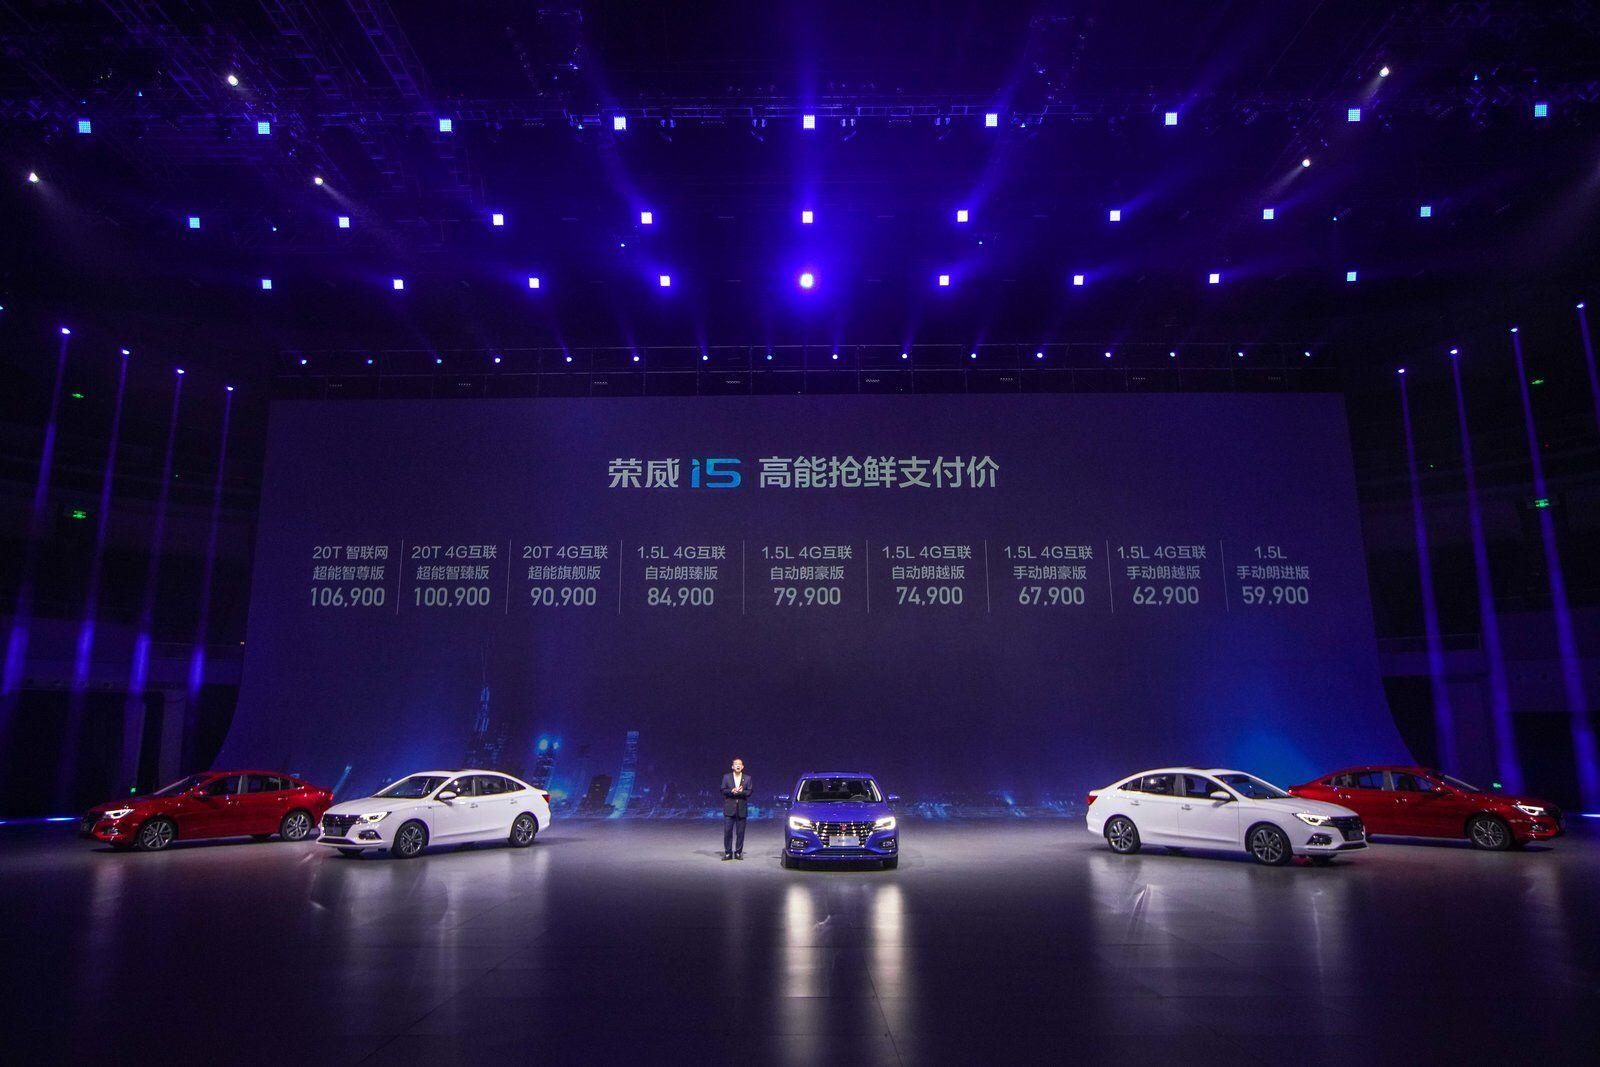 抢鲜售价5.99-10.69万元 荣威i5正式上市_车讯网chexun.com-车讯网